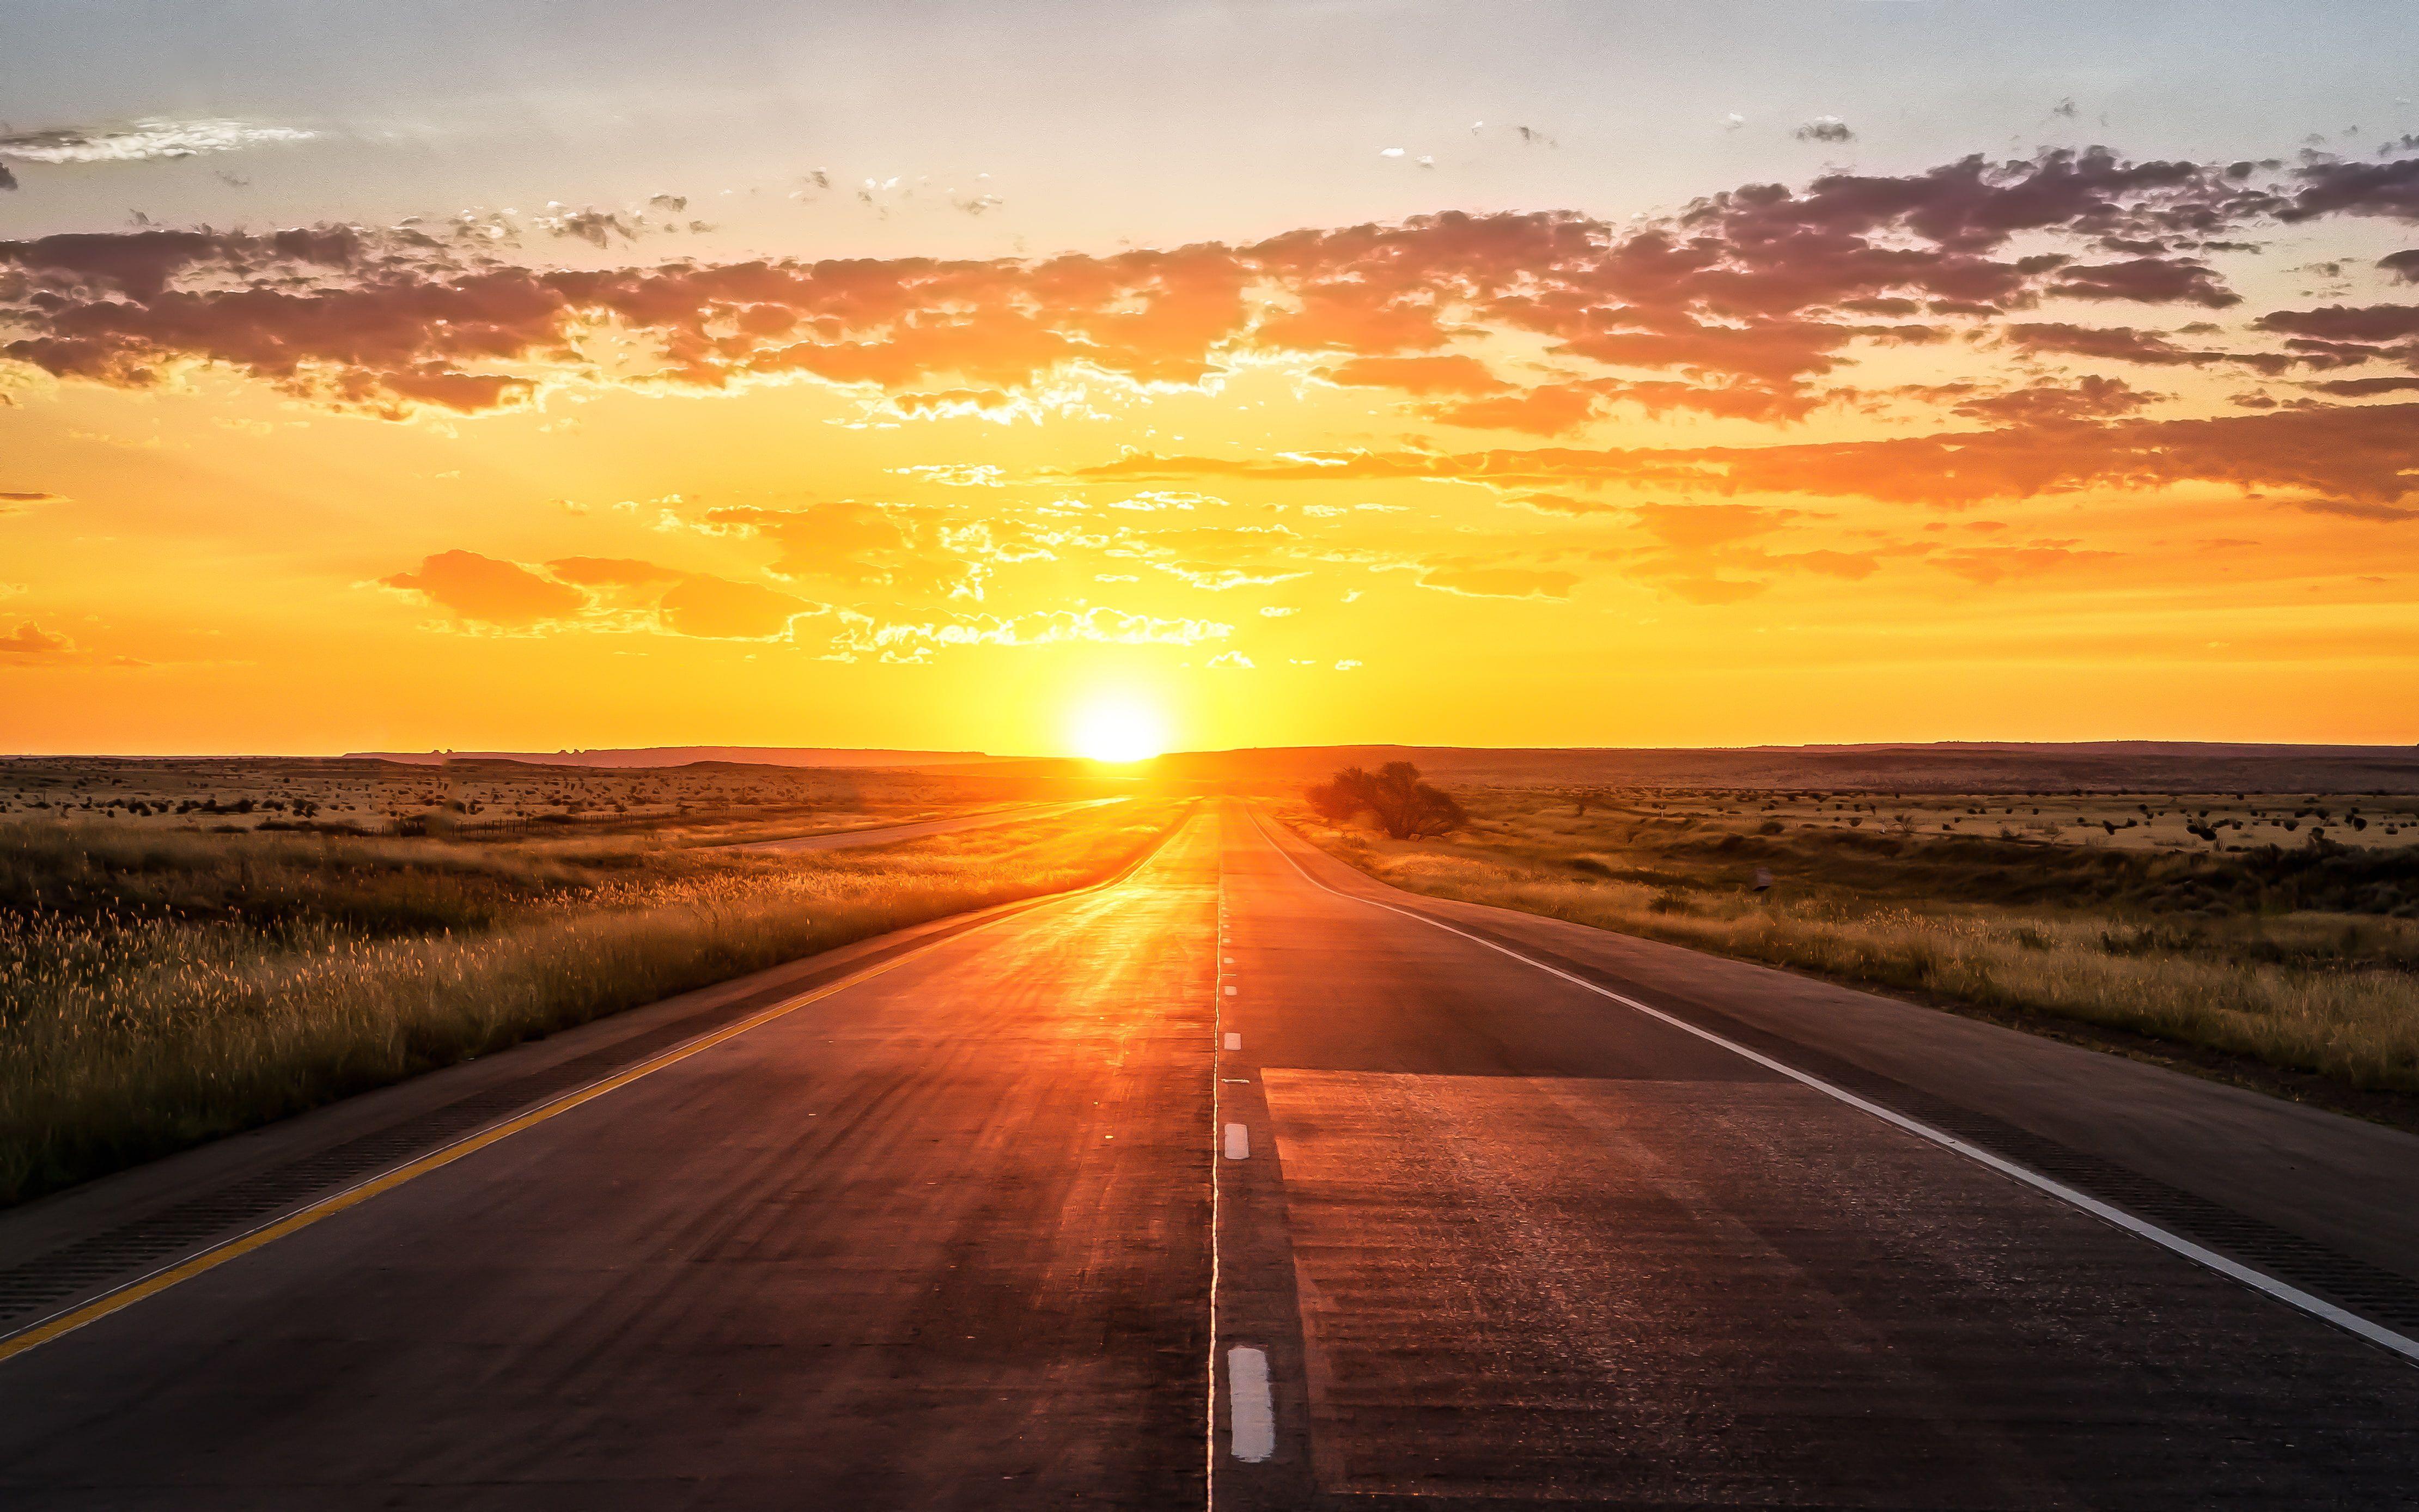 Sunset 4k Highway 4k Wallpaper Hdwallpaper Desktop Sunset Road Sunset Artwork Sunset Nature